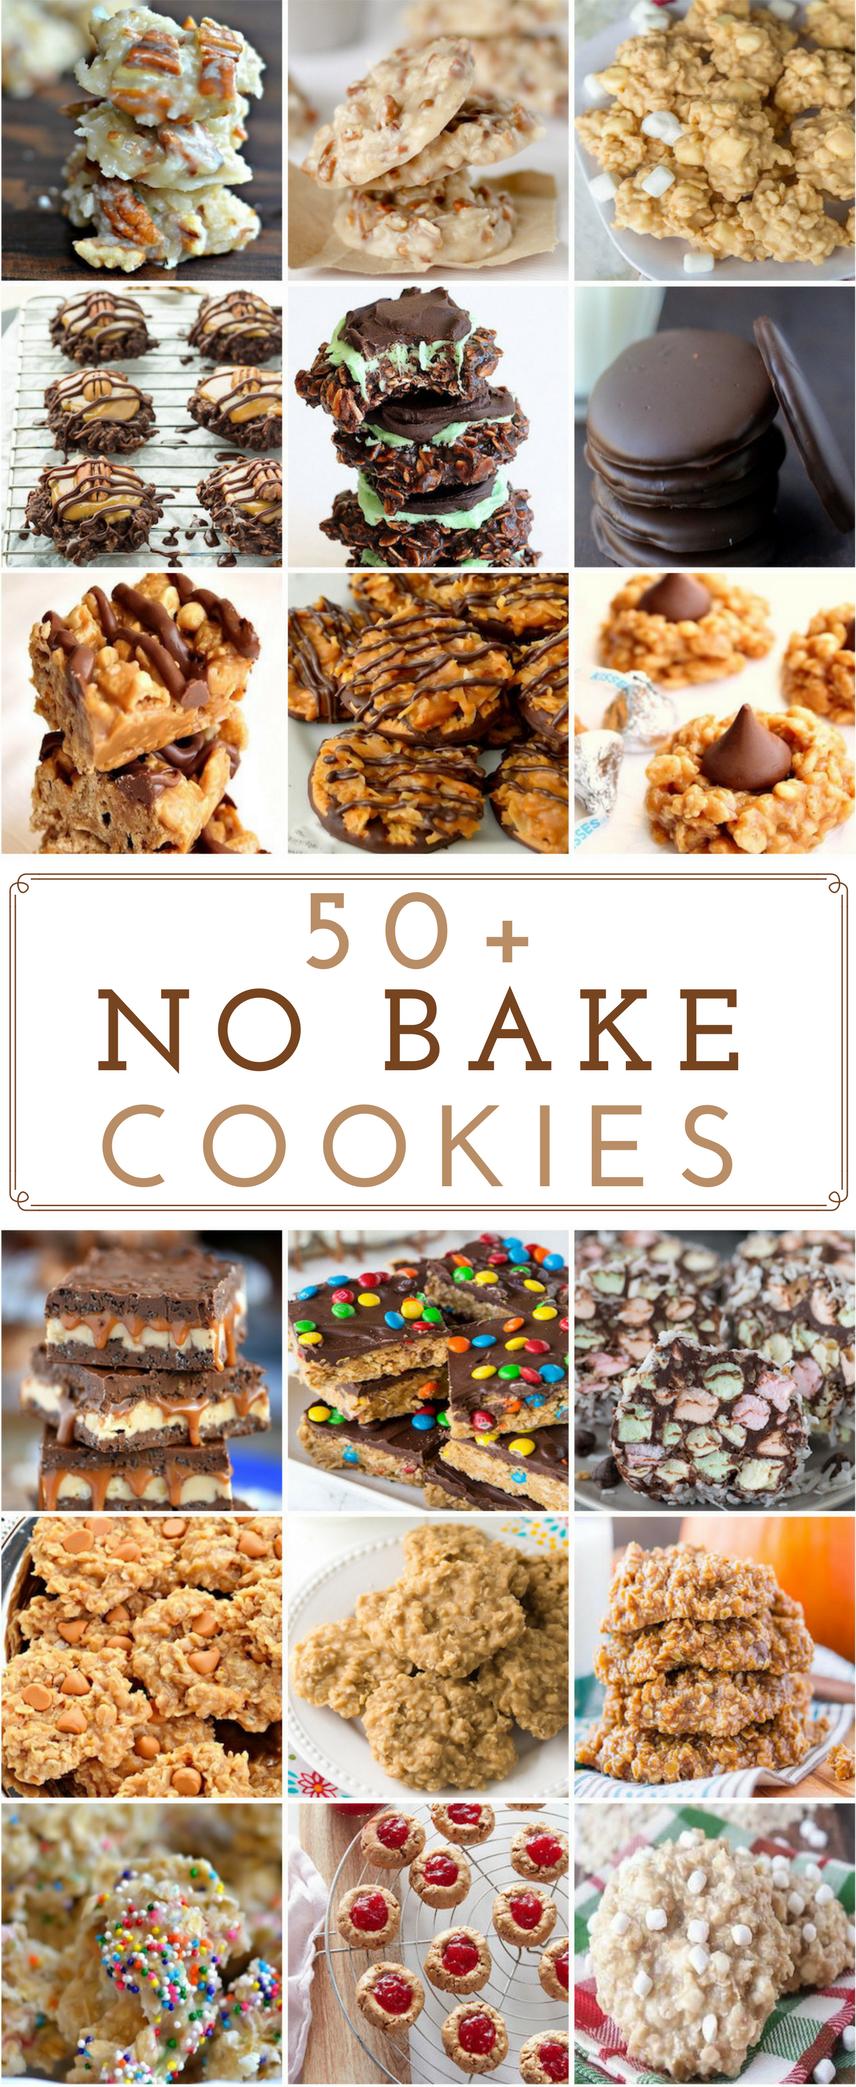 50 No Bake Cookies Best No Bake Cookies Bake Sale Recipes Easy No Bake Cookies